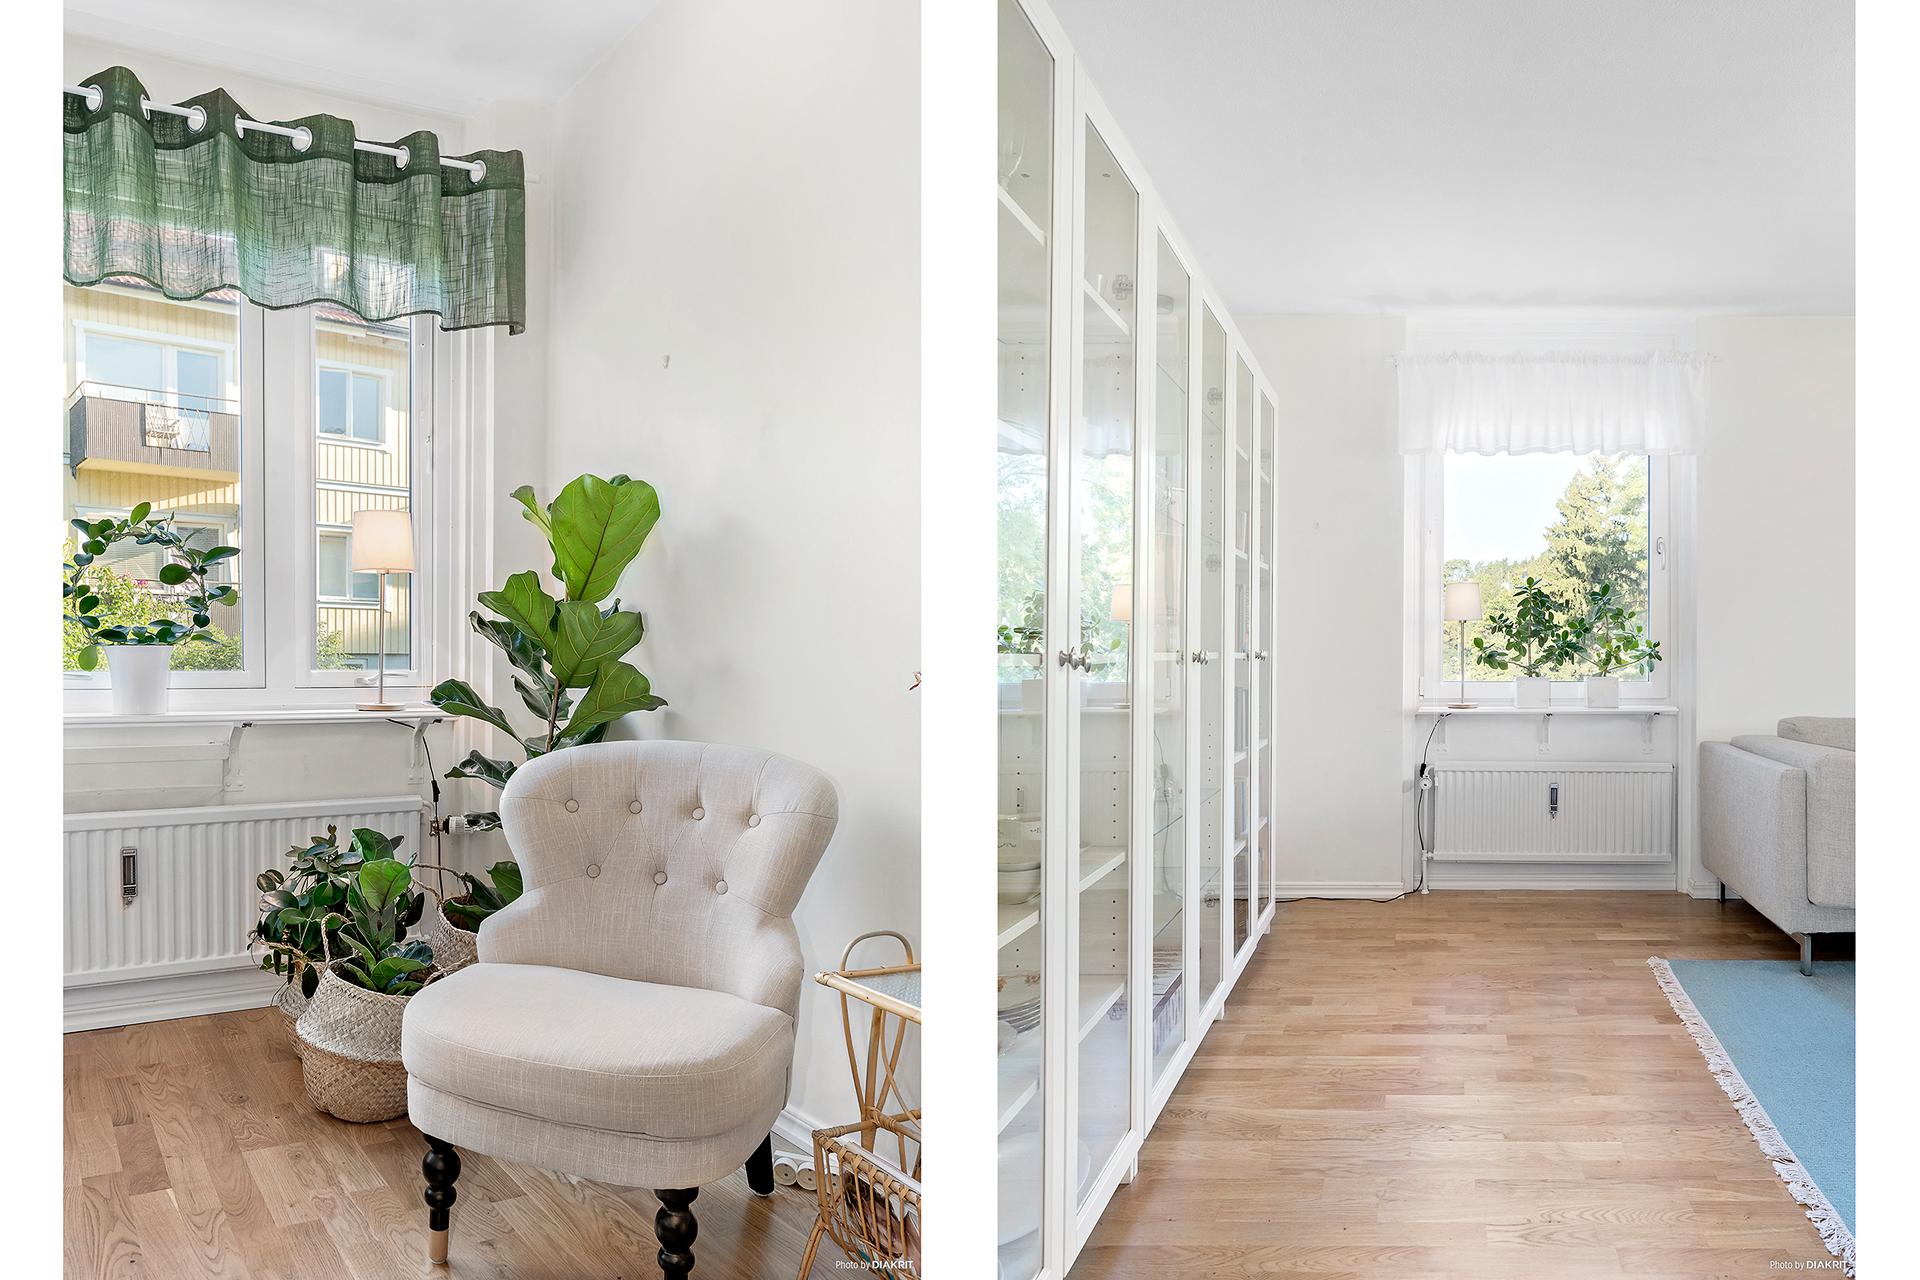 Bostaden är en gavellägenhet och vardagsrummet har fönster i två väderstreck